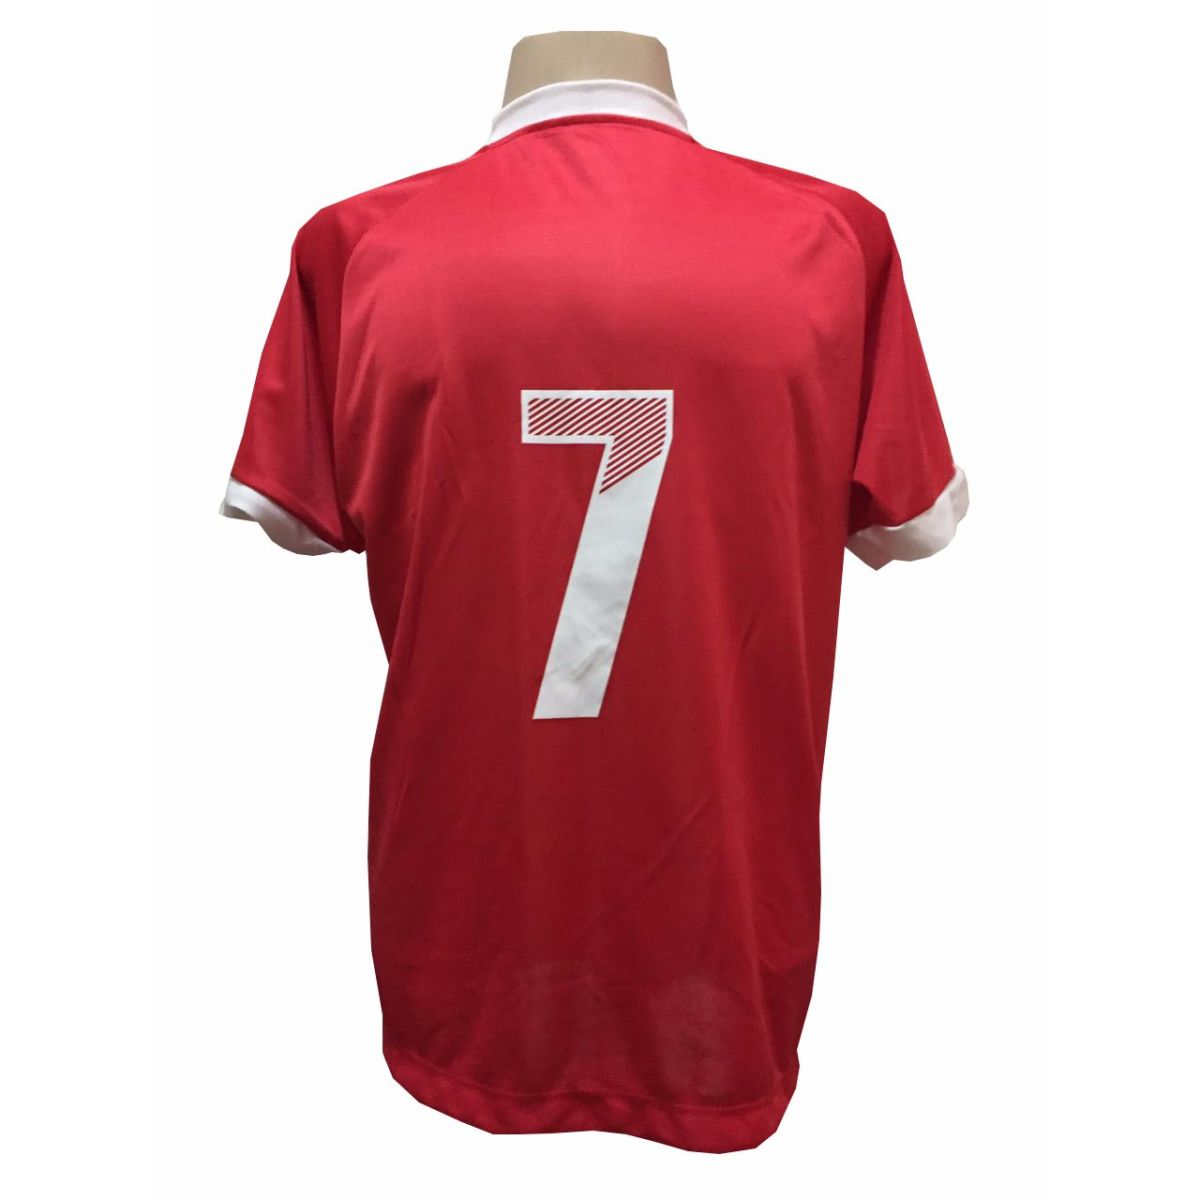 Uniforme Esportivo com 20 camisas modelo Bélgica Vermelho/Branco + 20 calções modelo Madrid Vermelho + Brindes